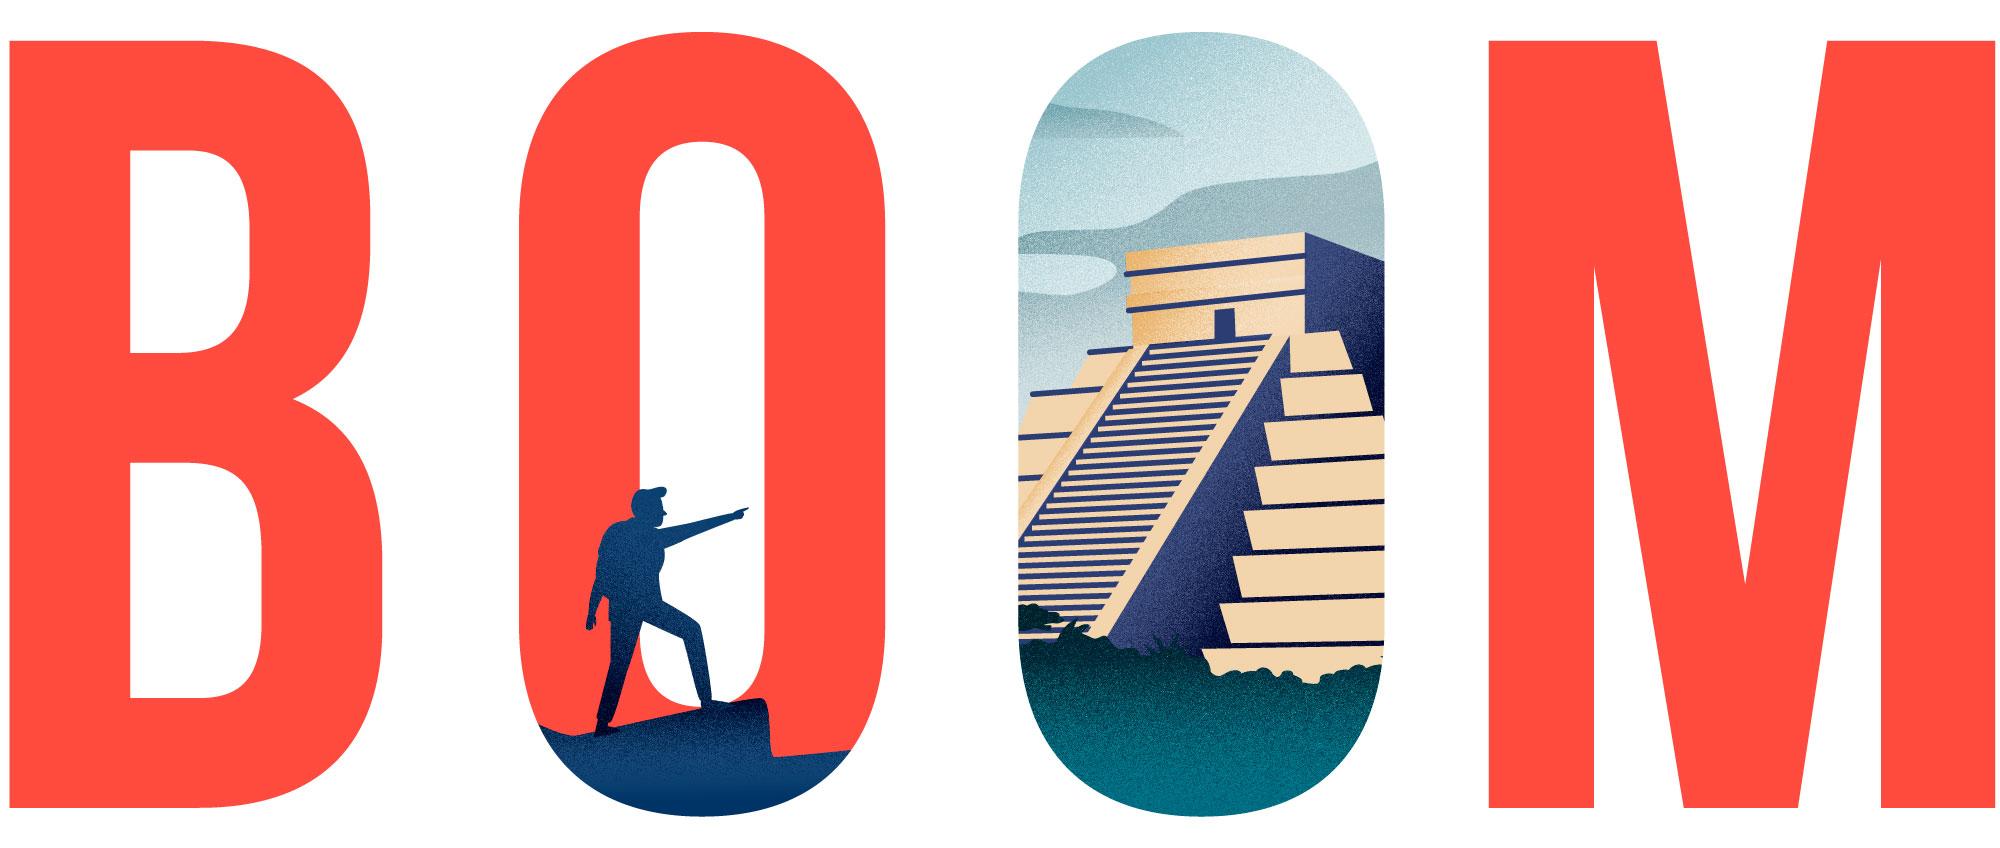 boom-agencia-marketing-digital-logotype